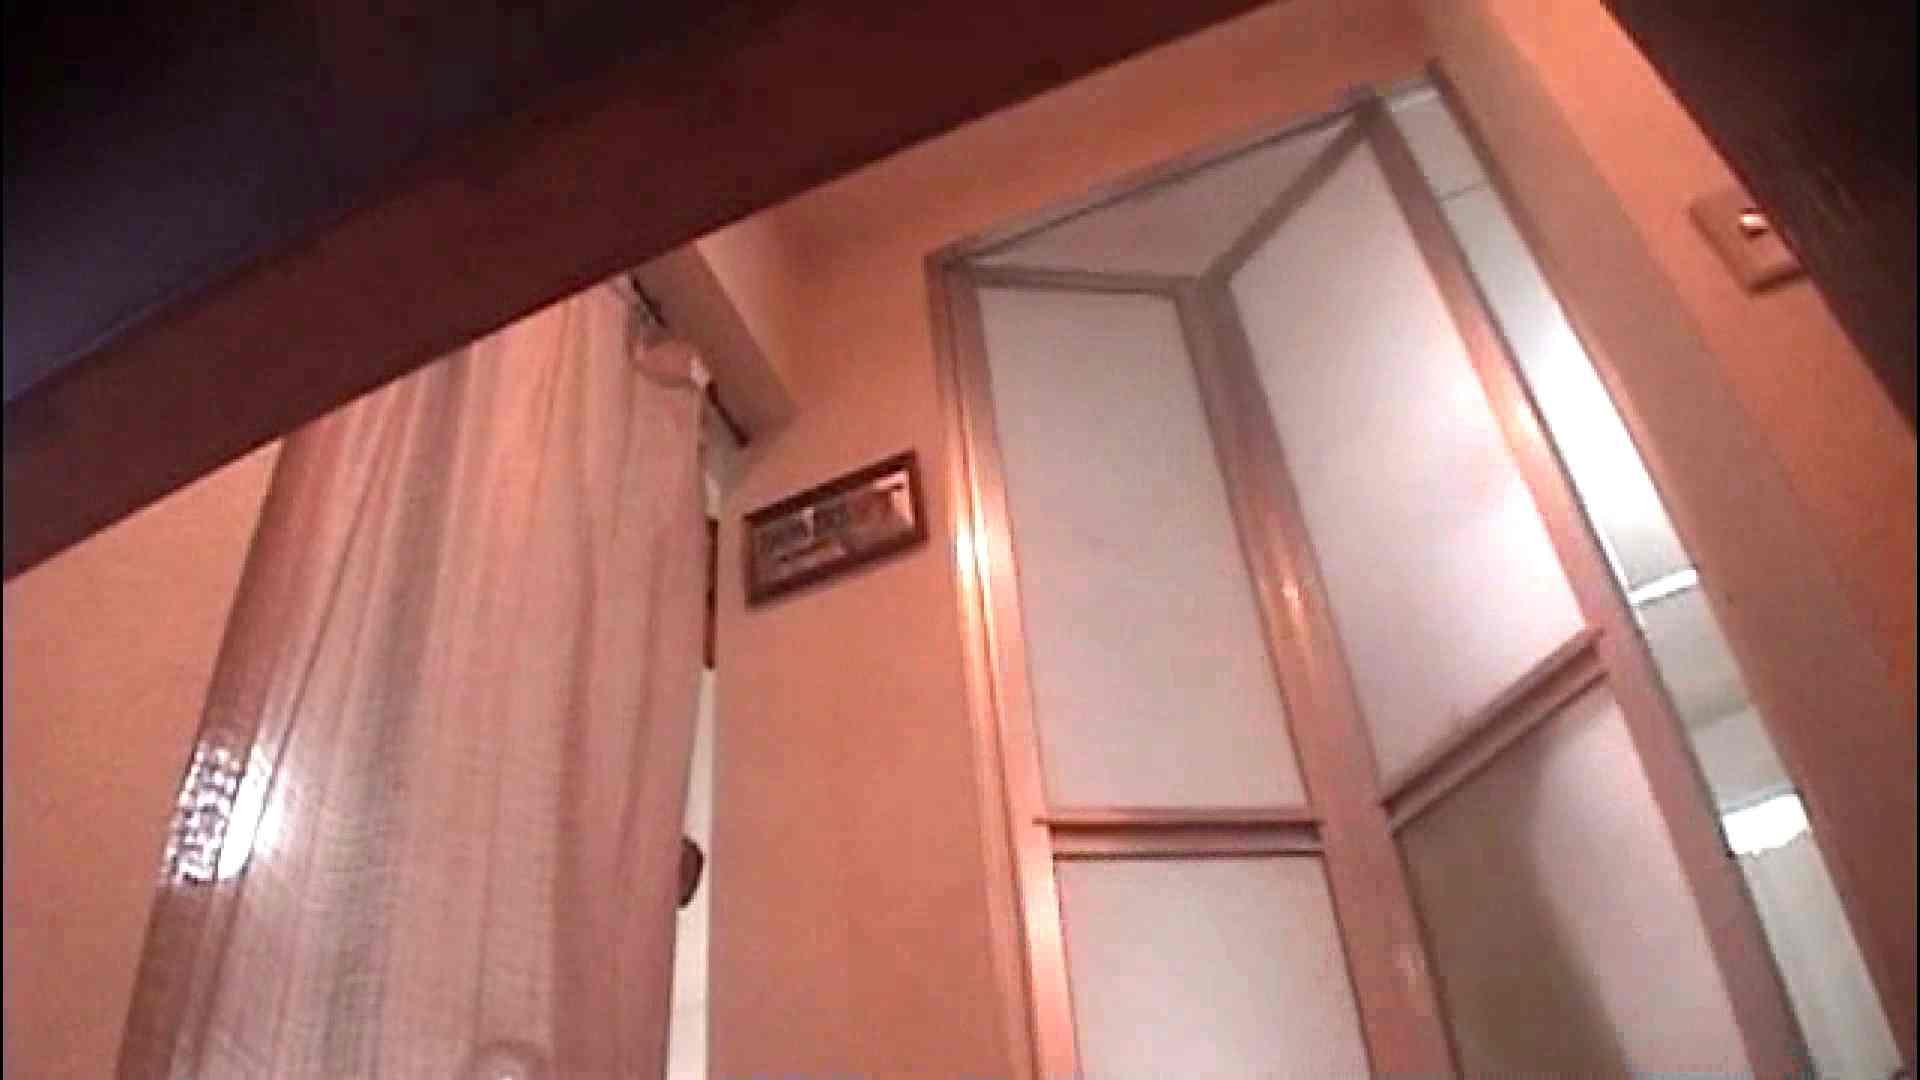 素人女良を部屋に連れ込み隠し撮りSEX!! その23  超敏感女良みはる 隠れた名作 セックス画像 72画像 10